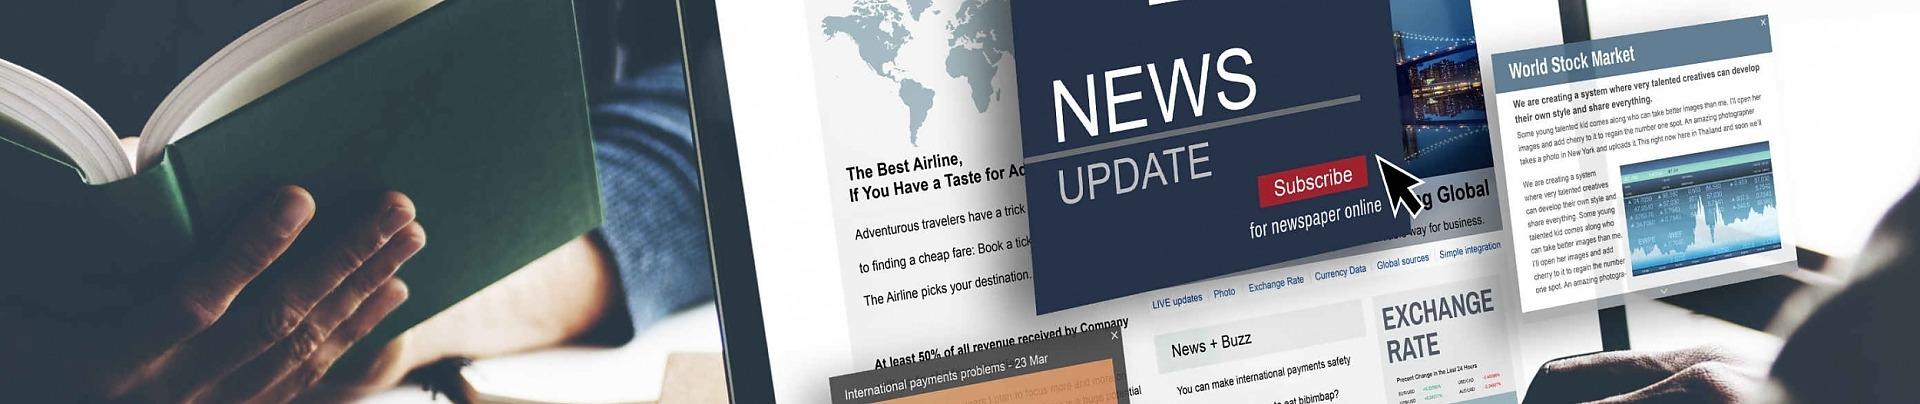 News Headlines Ambitionplanner